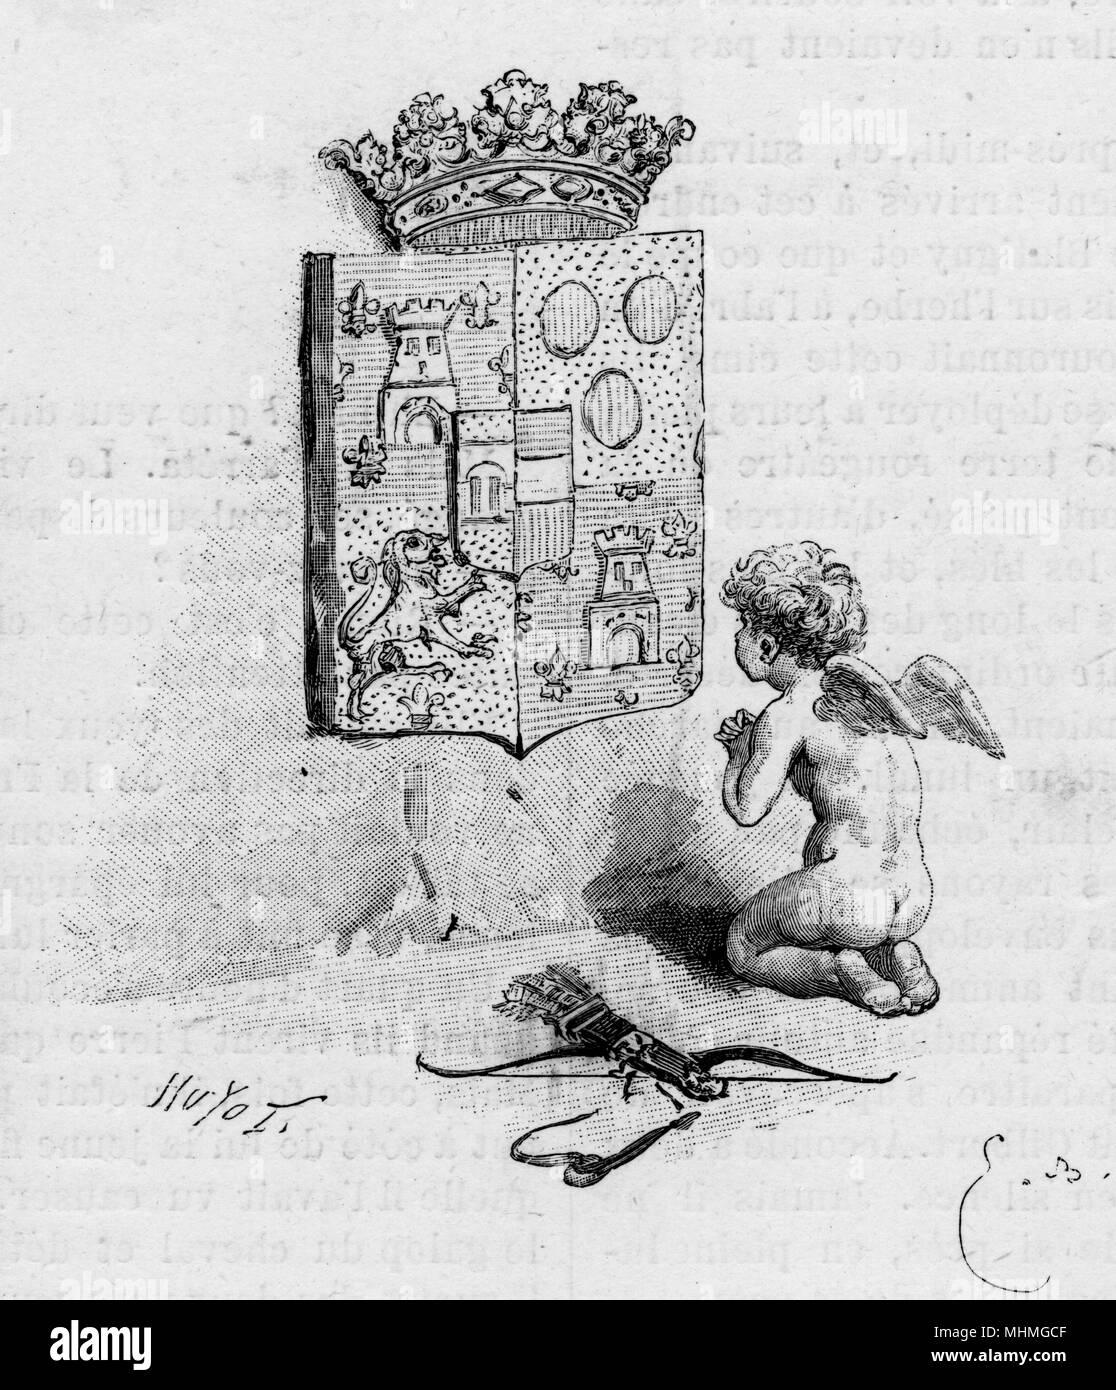 Eine Satire auf die Art und Weise, wie 'Liebe verehrt Geschlecht' - die überhöhten Respekt für Abstammung und aristokratischen Status - Zeigt Amor kniend zu einem heraldischen Gerät mit einer Krone auf. Datum: 1890 Stockbild